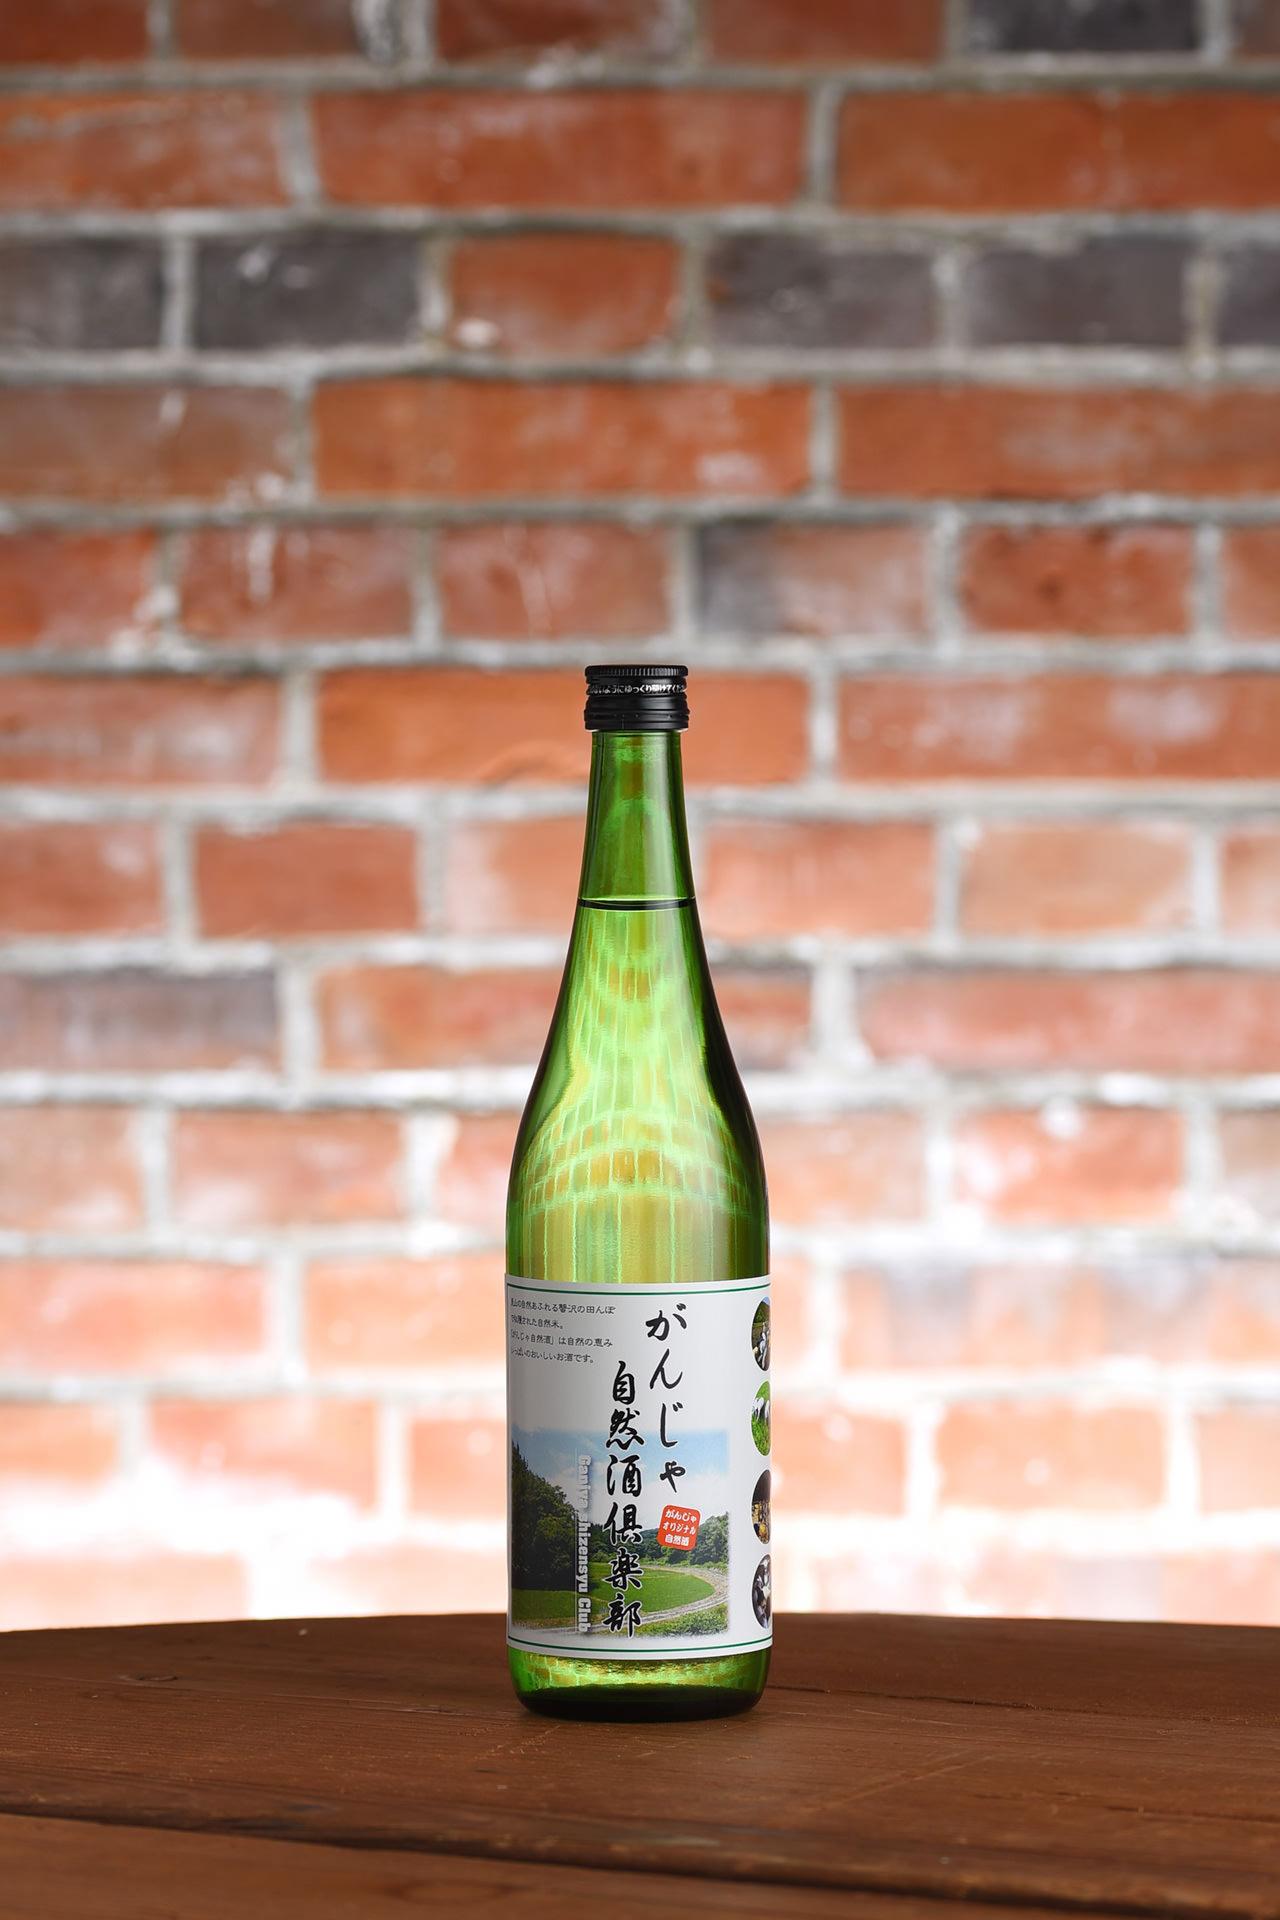 がんじゃ自然酒倶楽部 (会員限定酒) 720ml